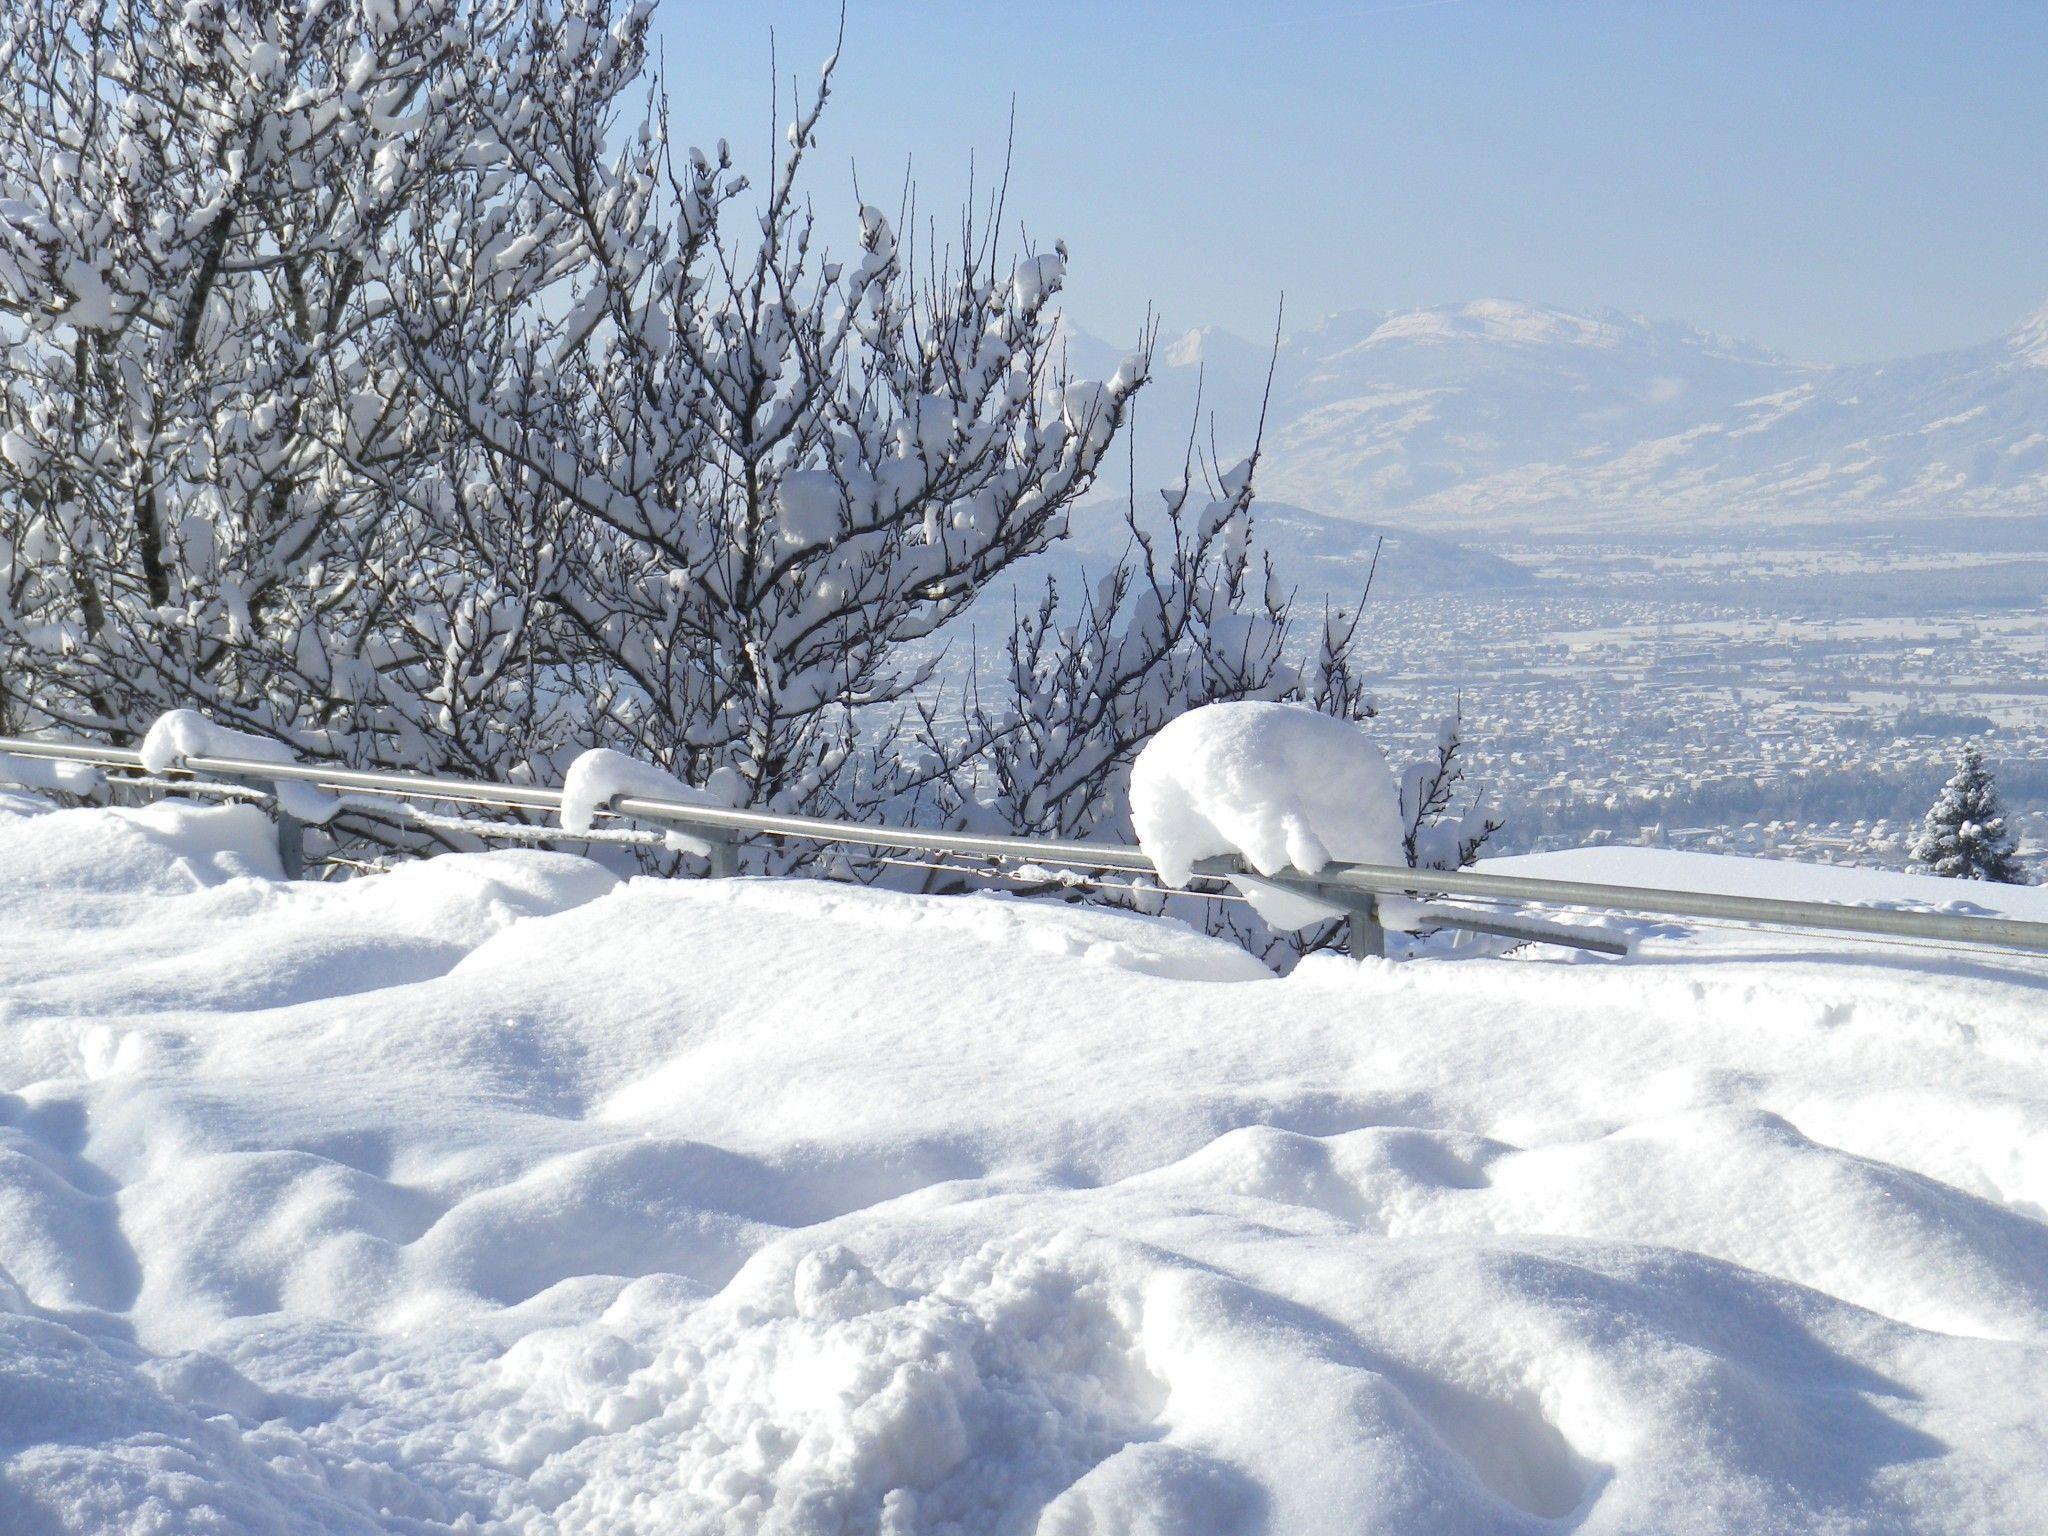 Dafins im Schneekleid